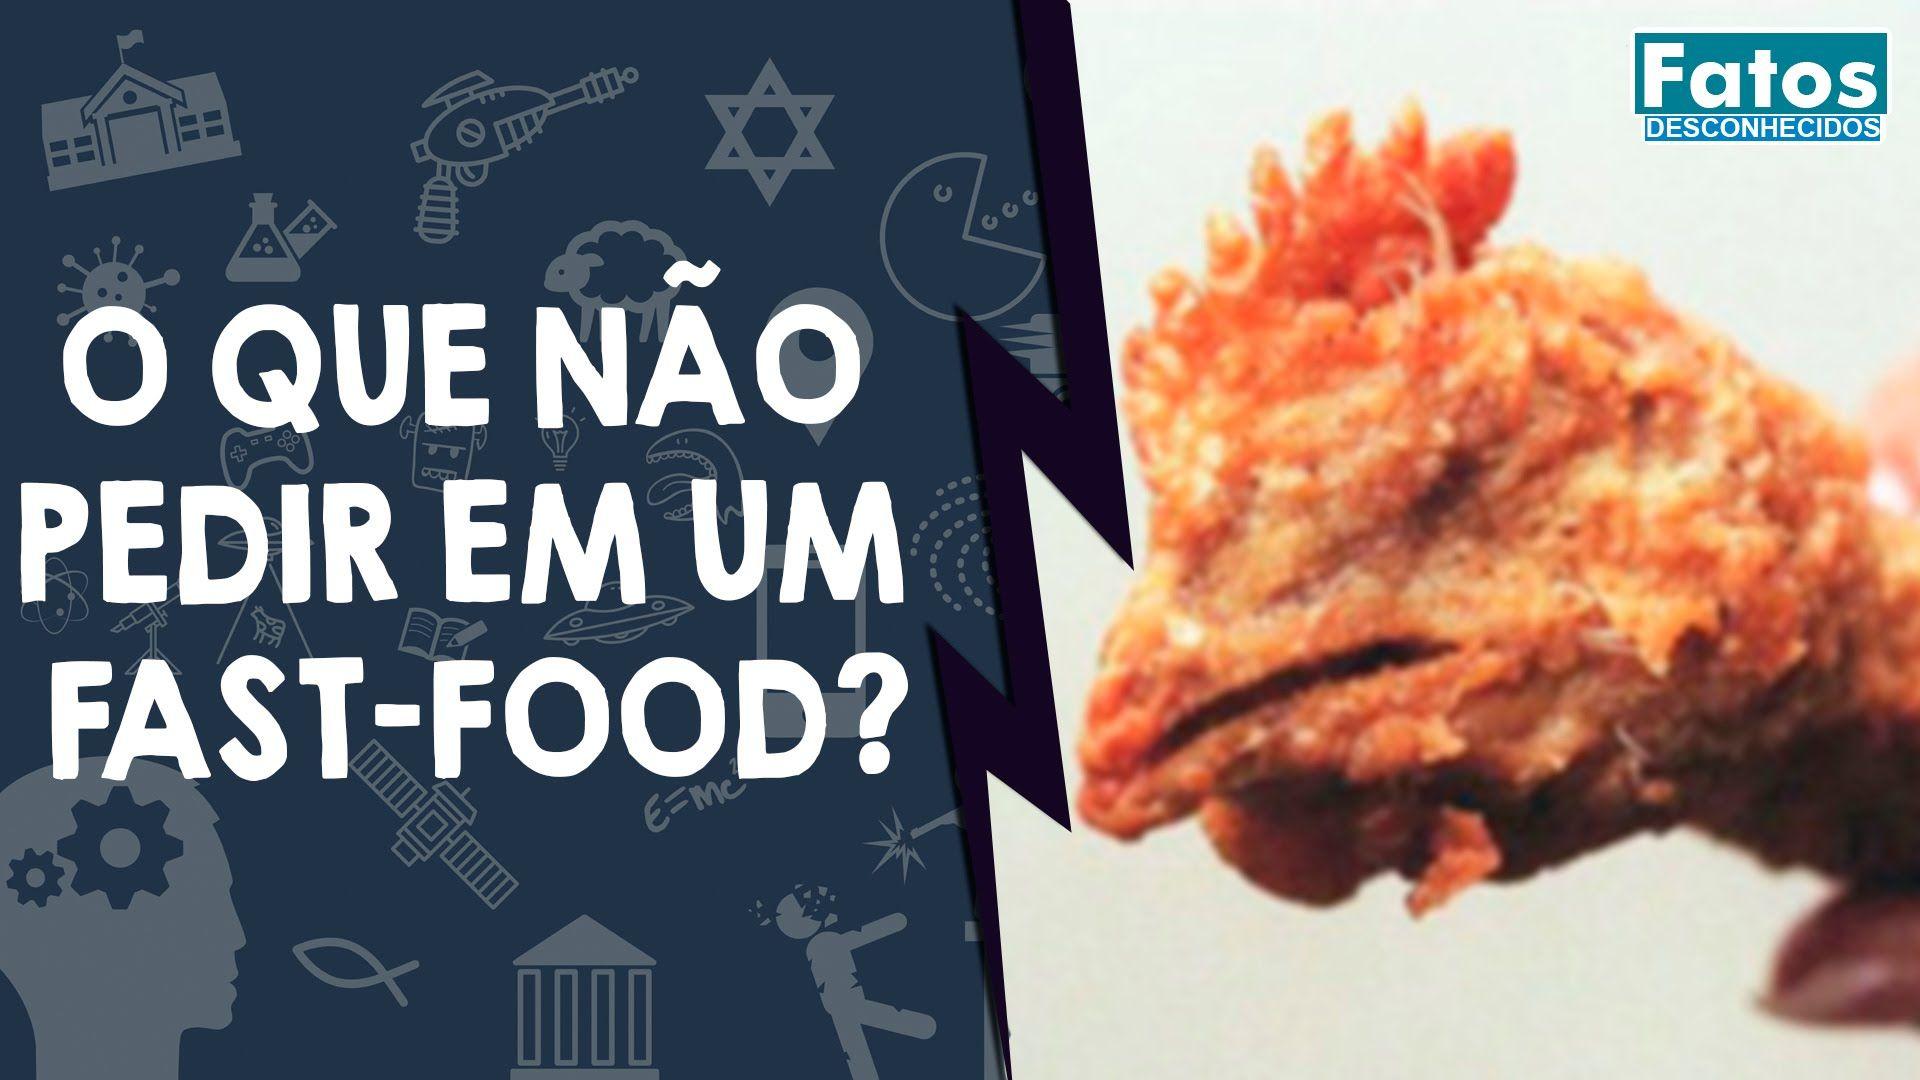 O que não pedir em um fast-food?